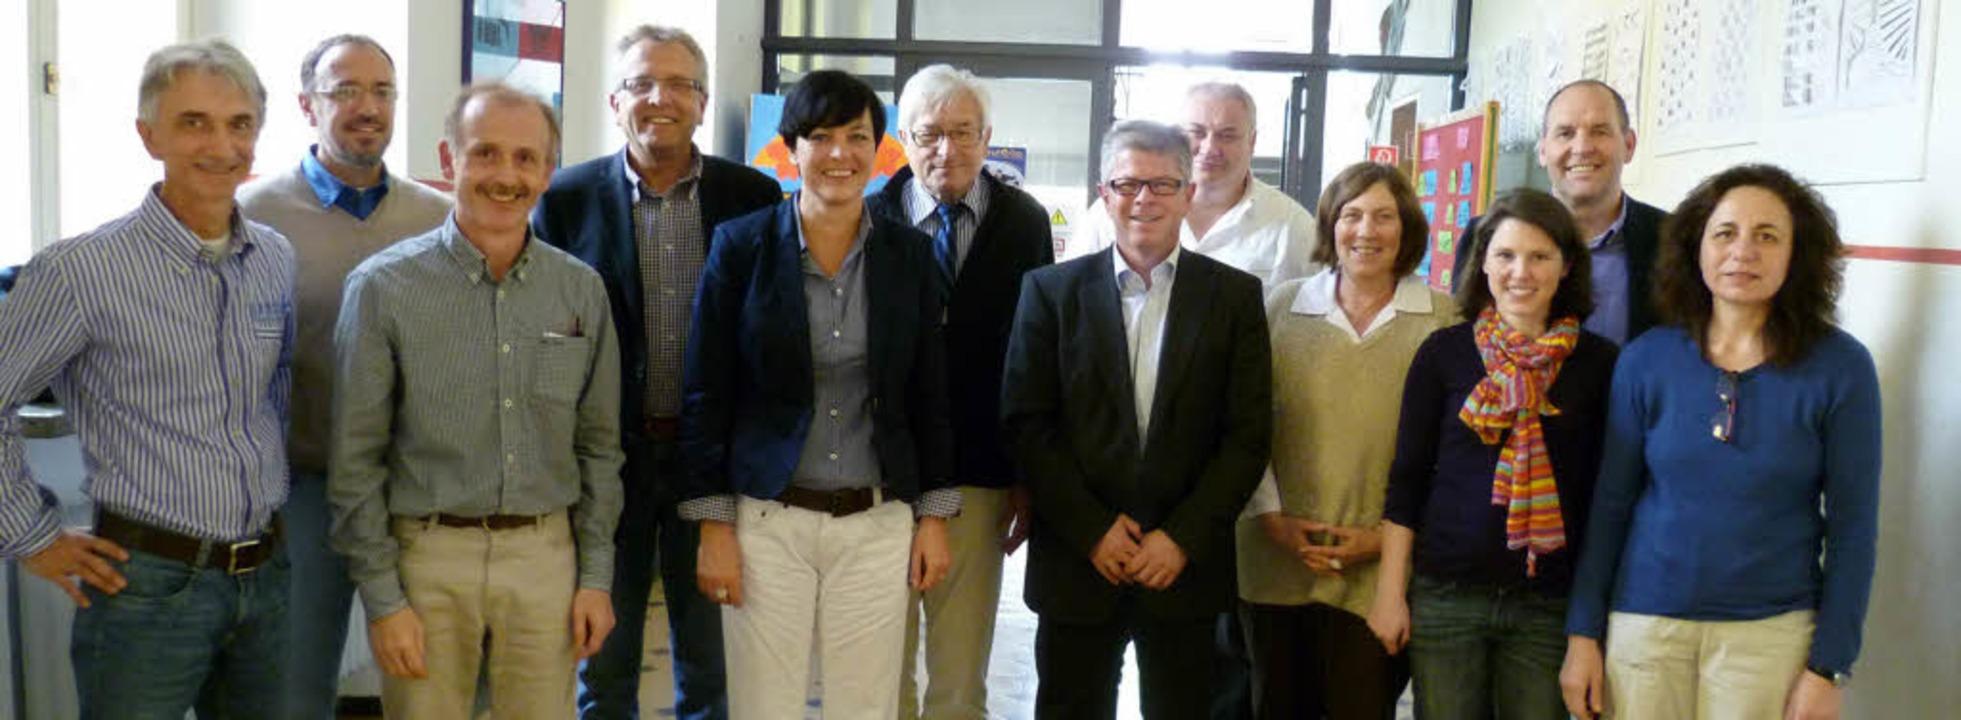 Das Berufswege-Team der Lahrer Friedri...tantin Bürkle und  Martin Burckhardt.   | Foto: Schule